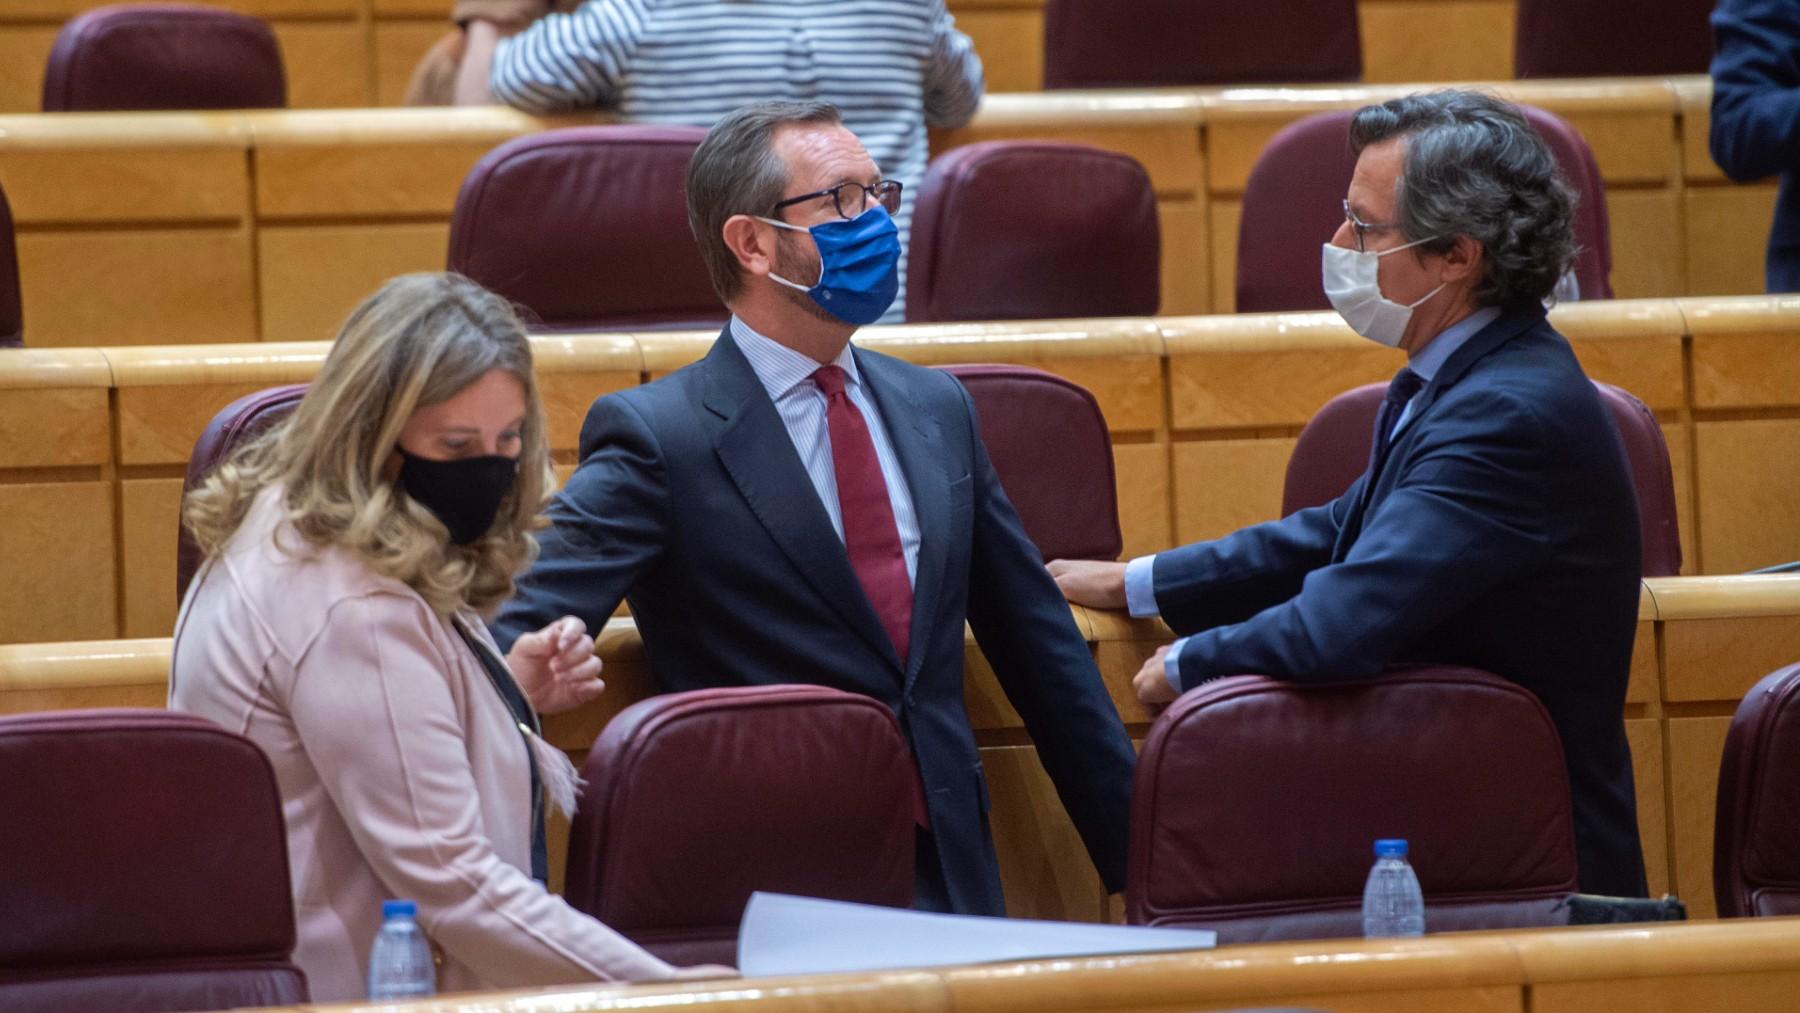 El portavoz del PP en el Senado, Javier Maroto, junto a otros senadores. (Foto: Europa Press)